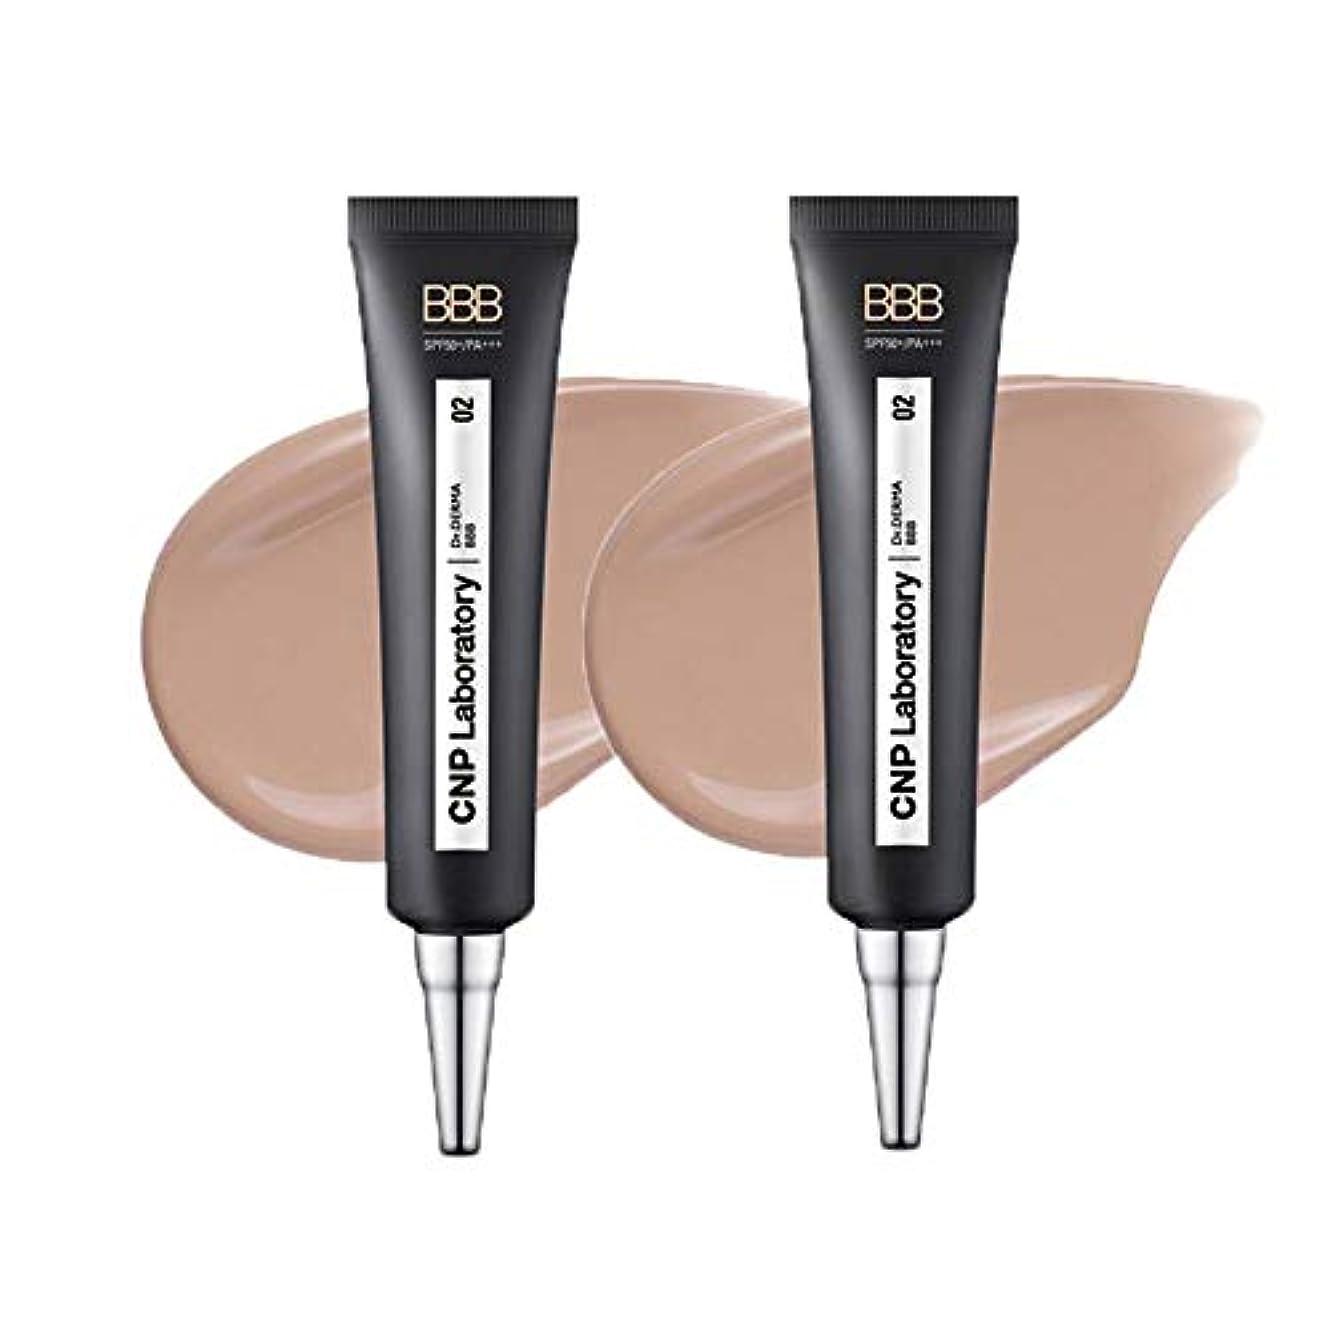 反発それる鰐CNPドクターダーマBBB30mlx2本セット2色BBクリーム韓国コスメ、CNP Dr.Derma BBB 30ml x 2ea Set 2 Colors BB Cream Korean Cosmetics [並行輸入品...